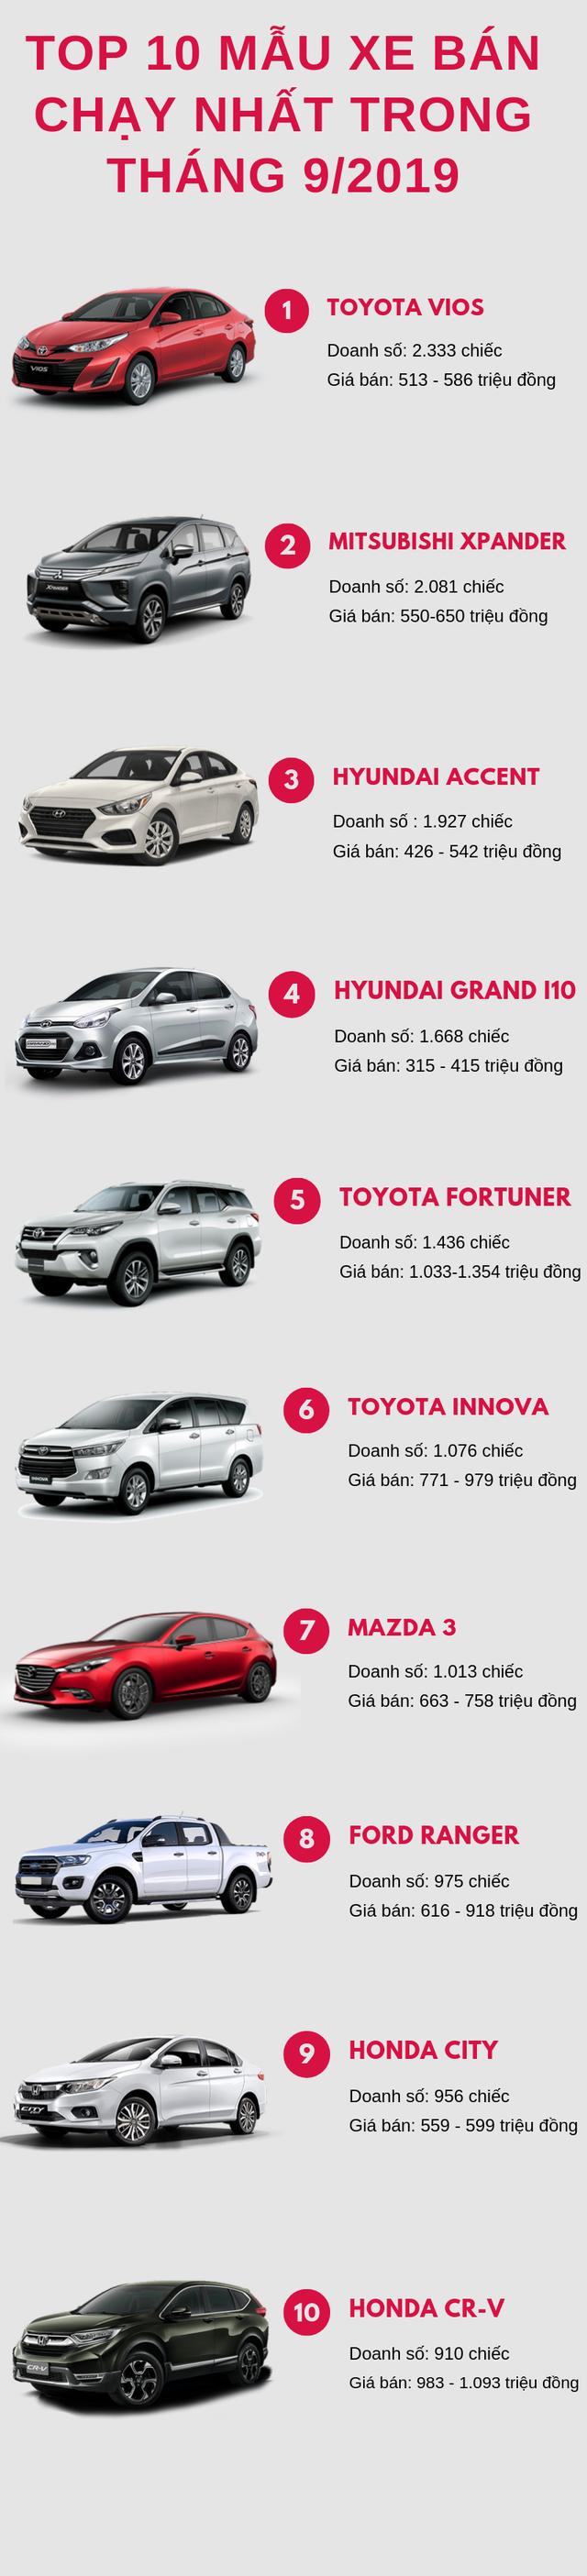 Top 10 ô tô bán chạy nhất tháng 9/2019: Toyota Vios dẫn đầu, Mitsubishi Xpander vượt ngưỡng 2000 xe/tháng - Ảnh 1.